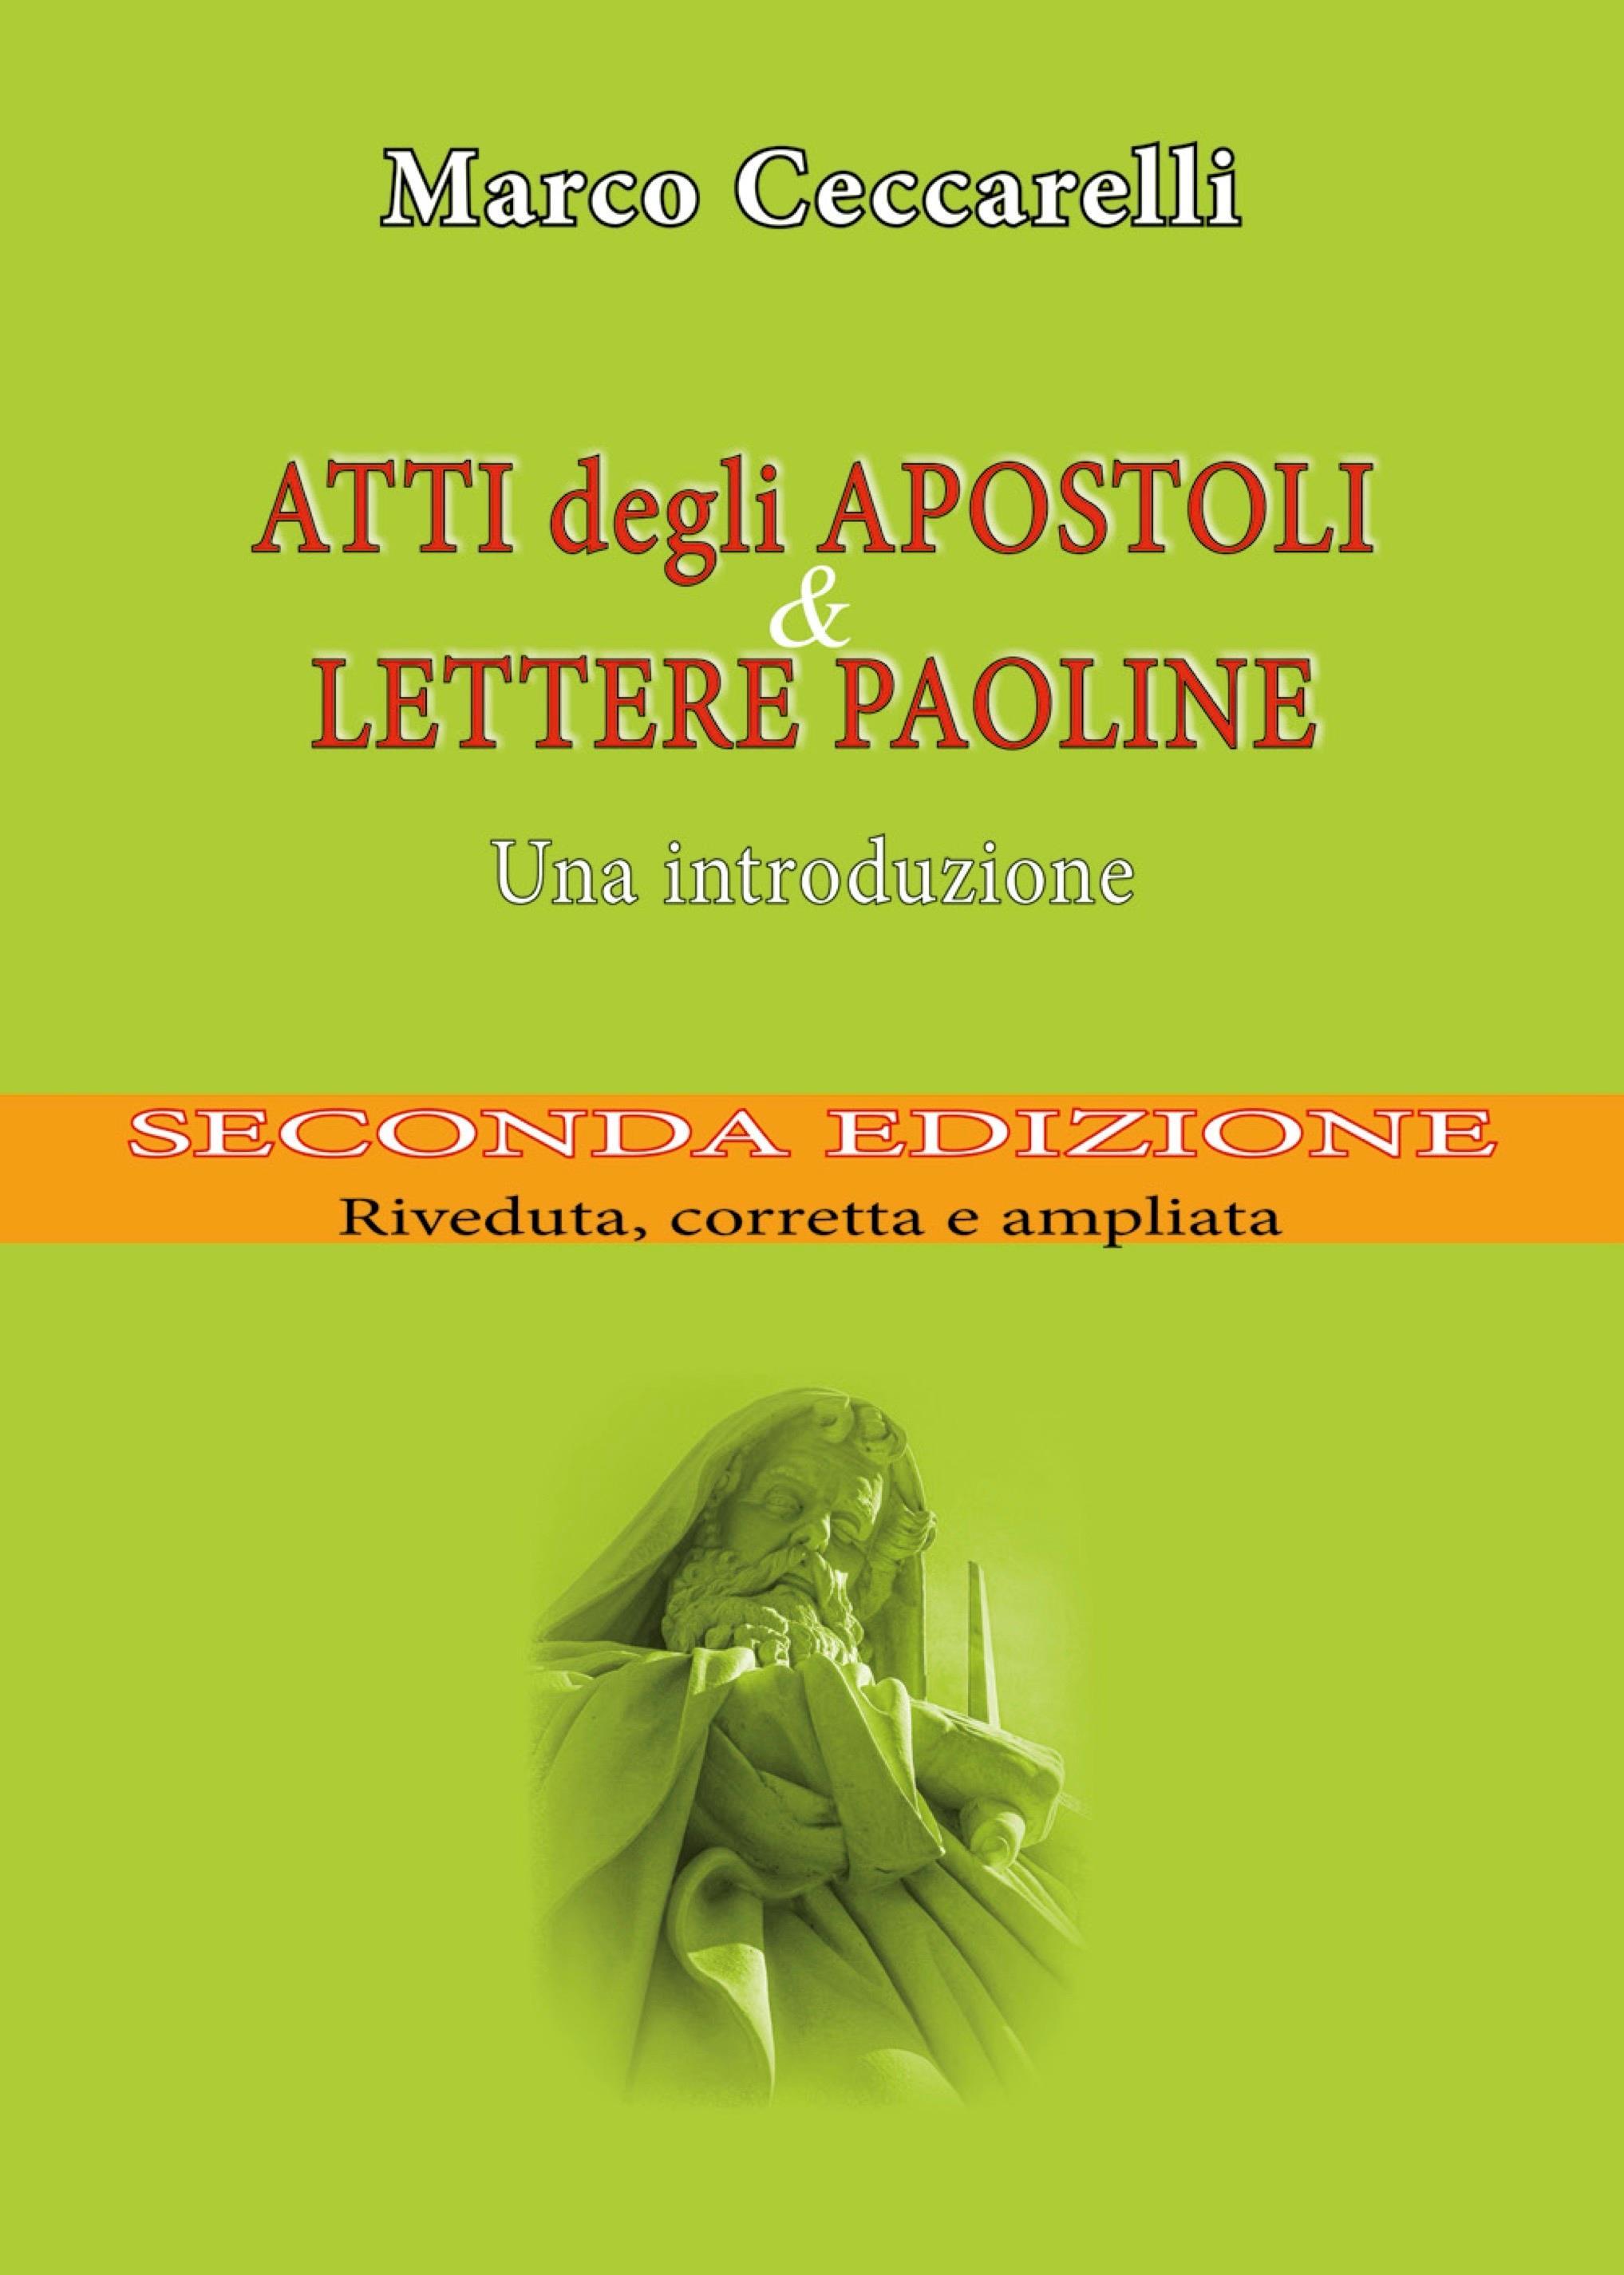 Atti degli Apostoli e Lettere paoline. Una introduzione - seconda edizione